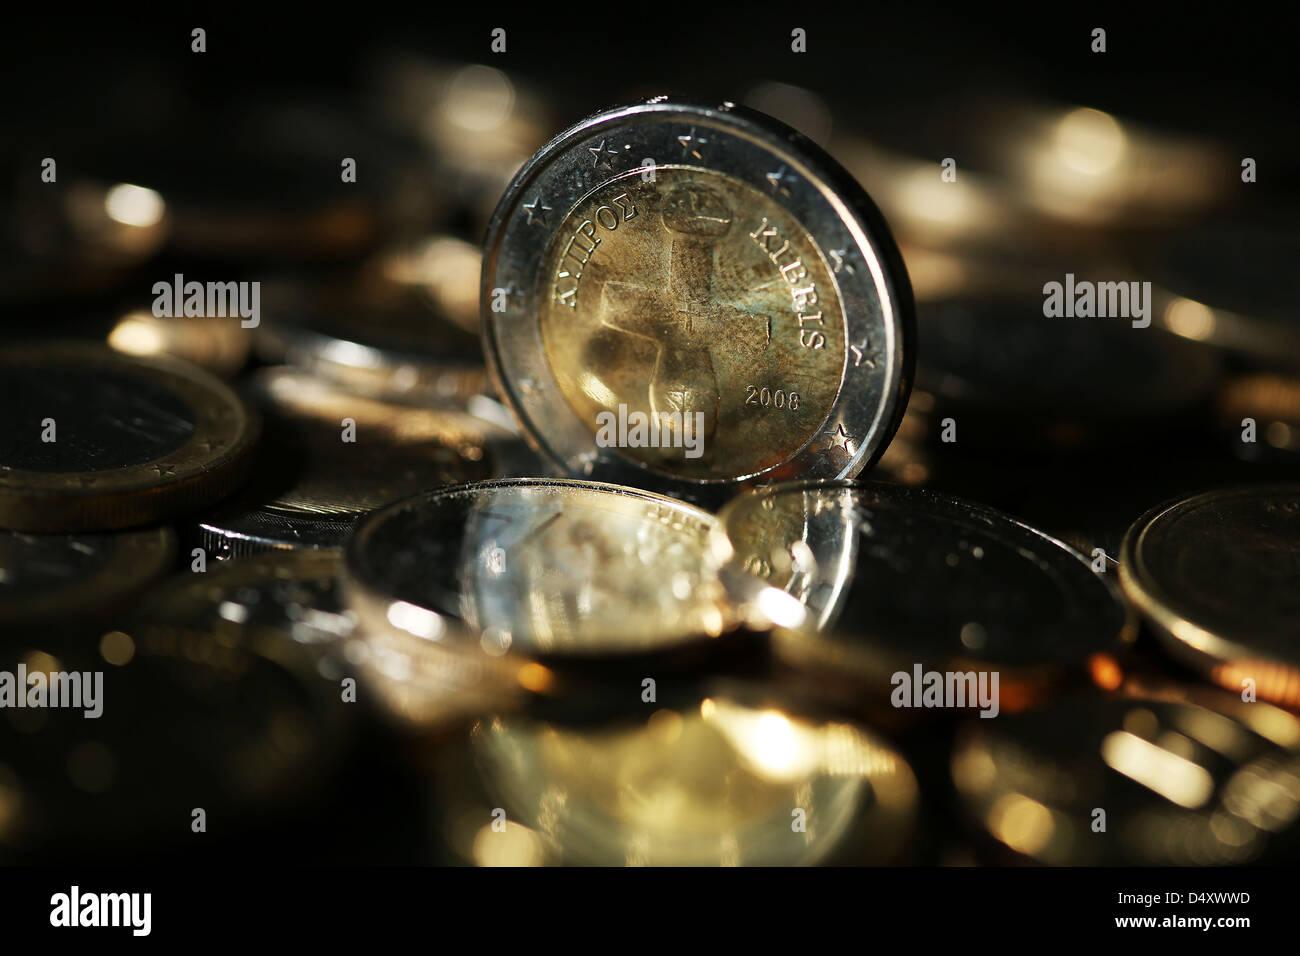 Abbildung Eine Illustrierte Bild Zeigt Eine Euro Münze Aus Zypern